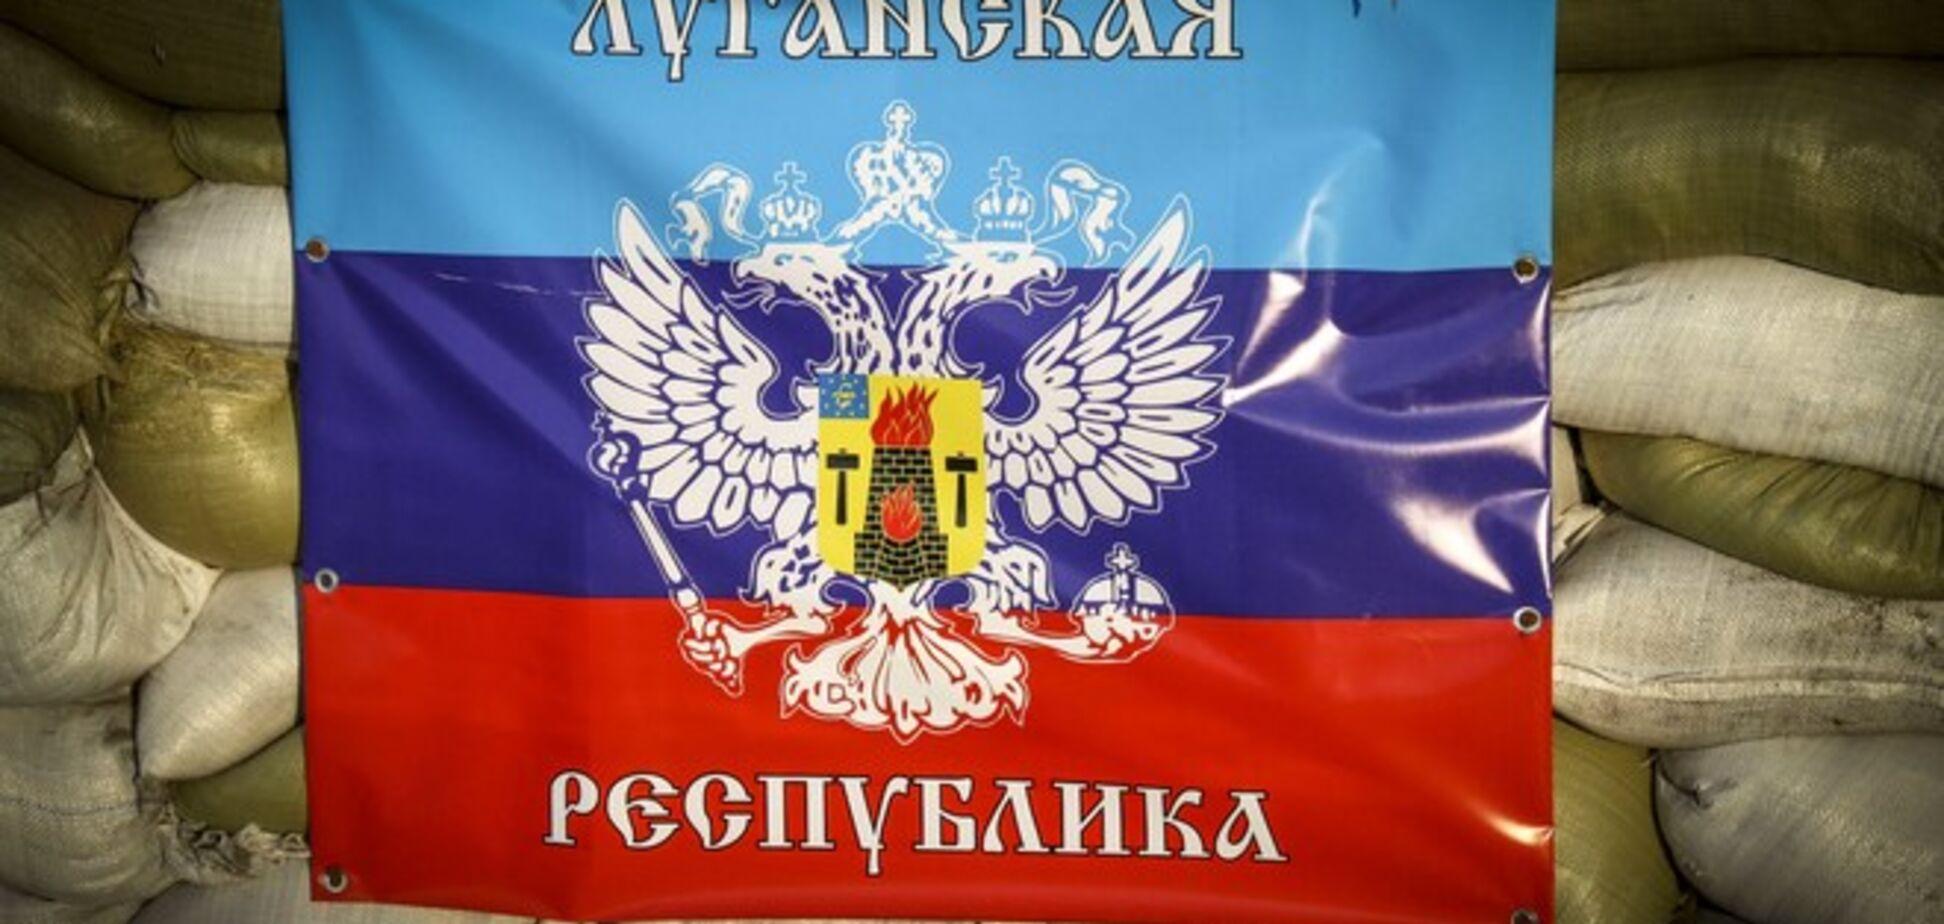 'Министерство образования' 'ЛНР' де-факто распущено